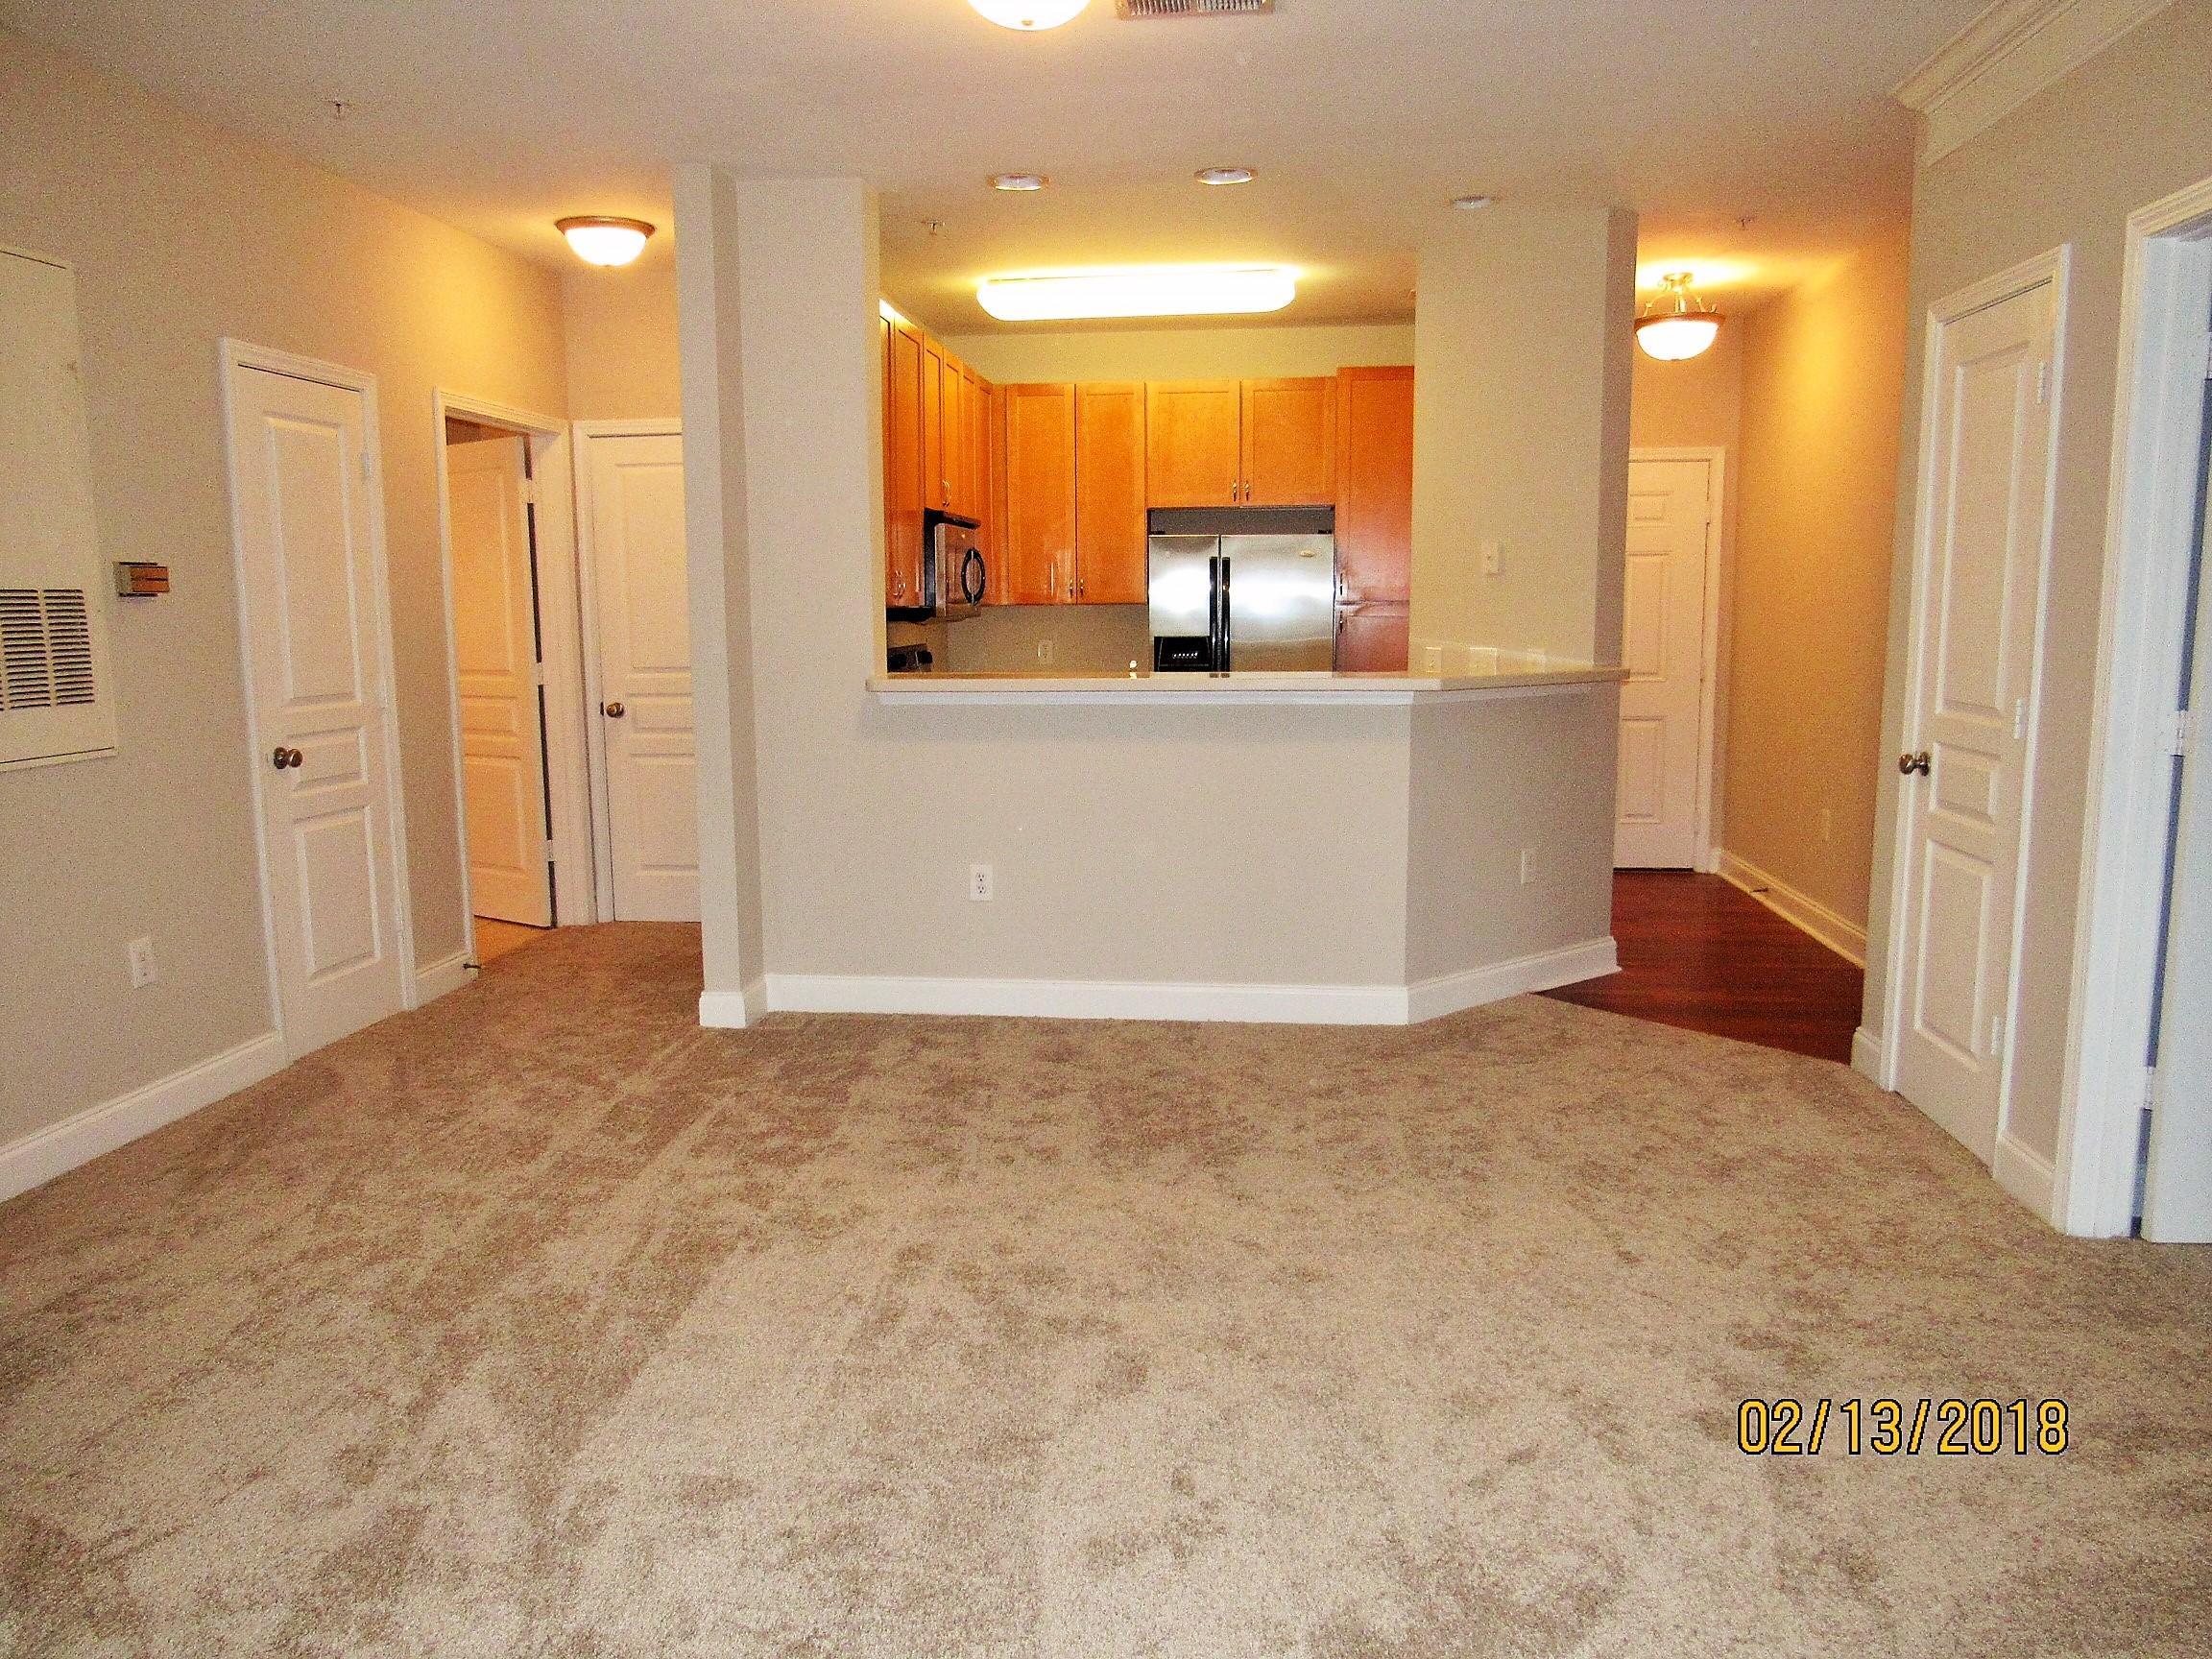 Home for sale 1412 Basildon Road, Park West, Mt. Pleasant, SC